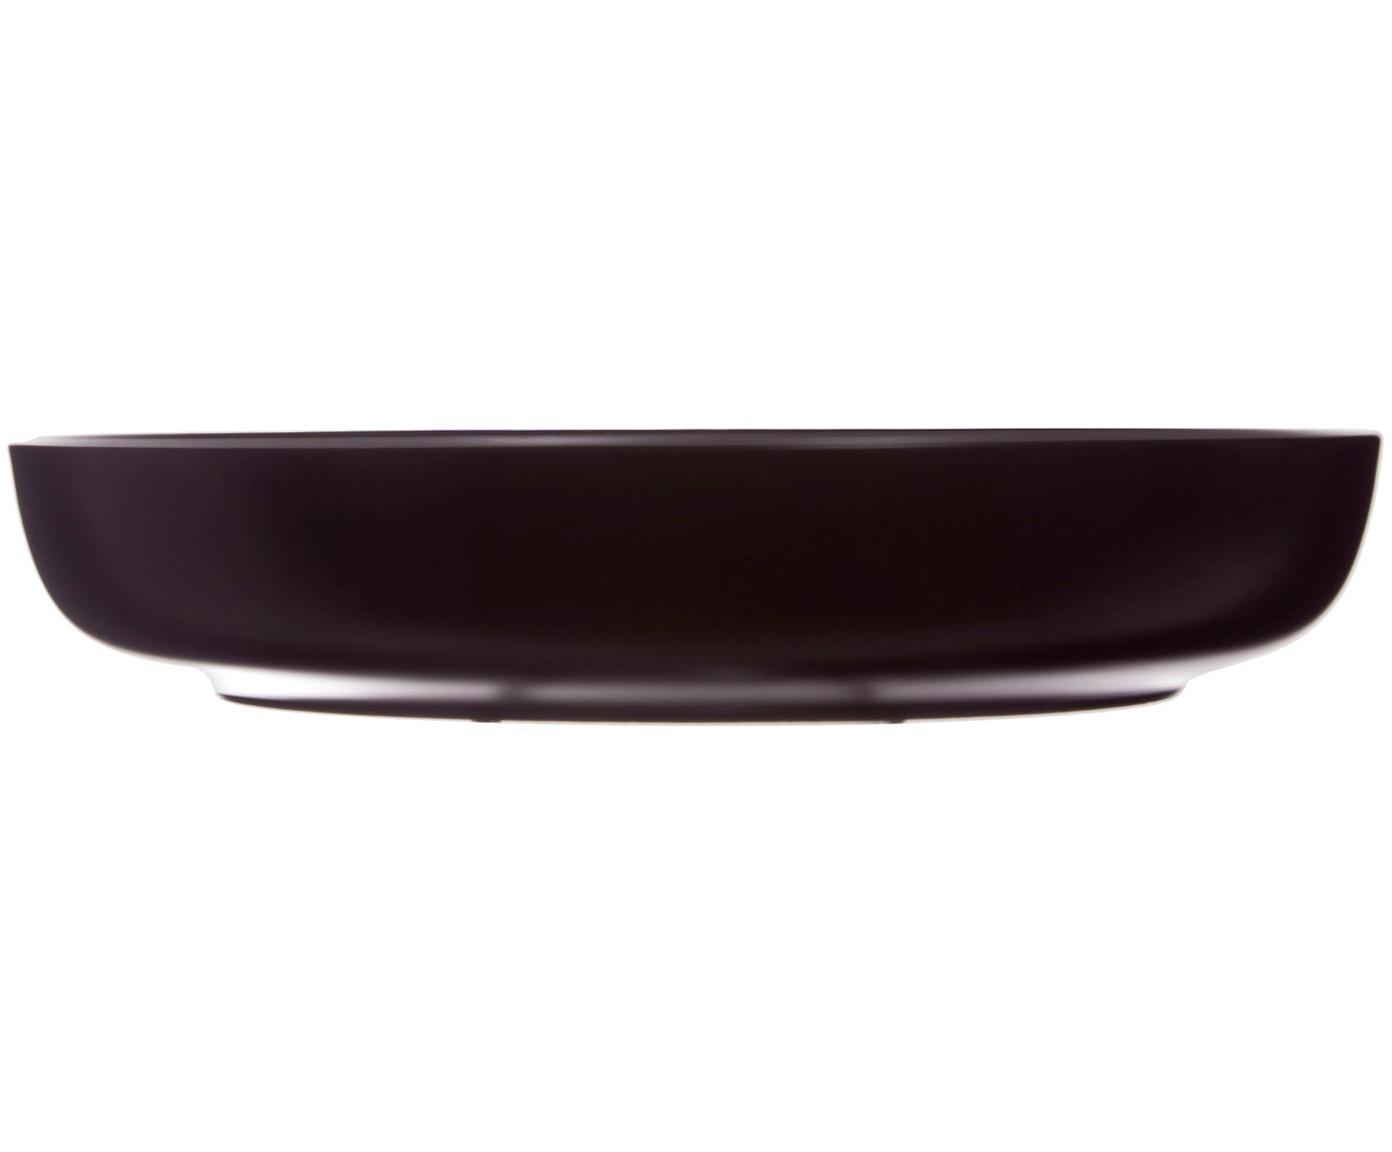 Talerz głęboki Okinawa, 6 szt., Ceramika, Czarny, matowy, Ø 22 x W 4 cm